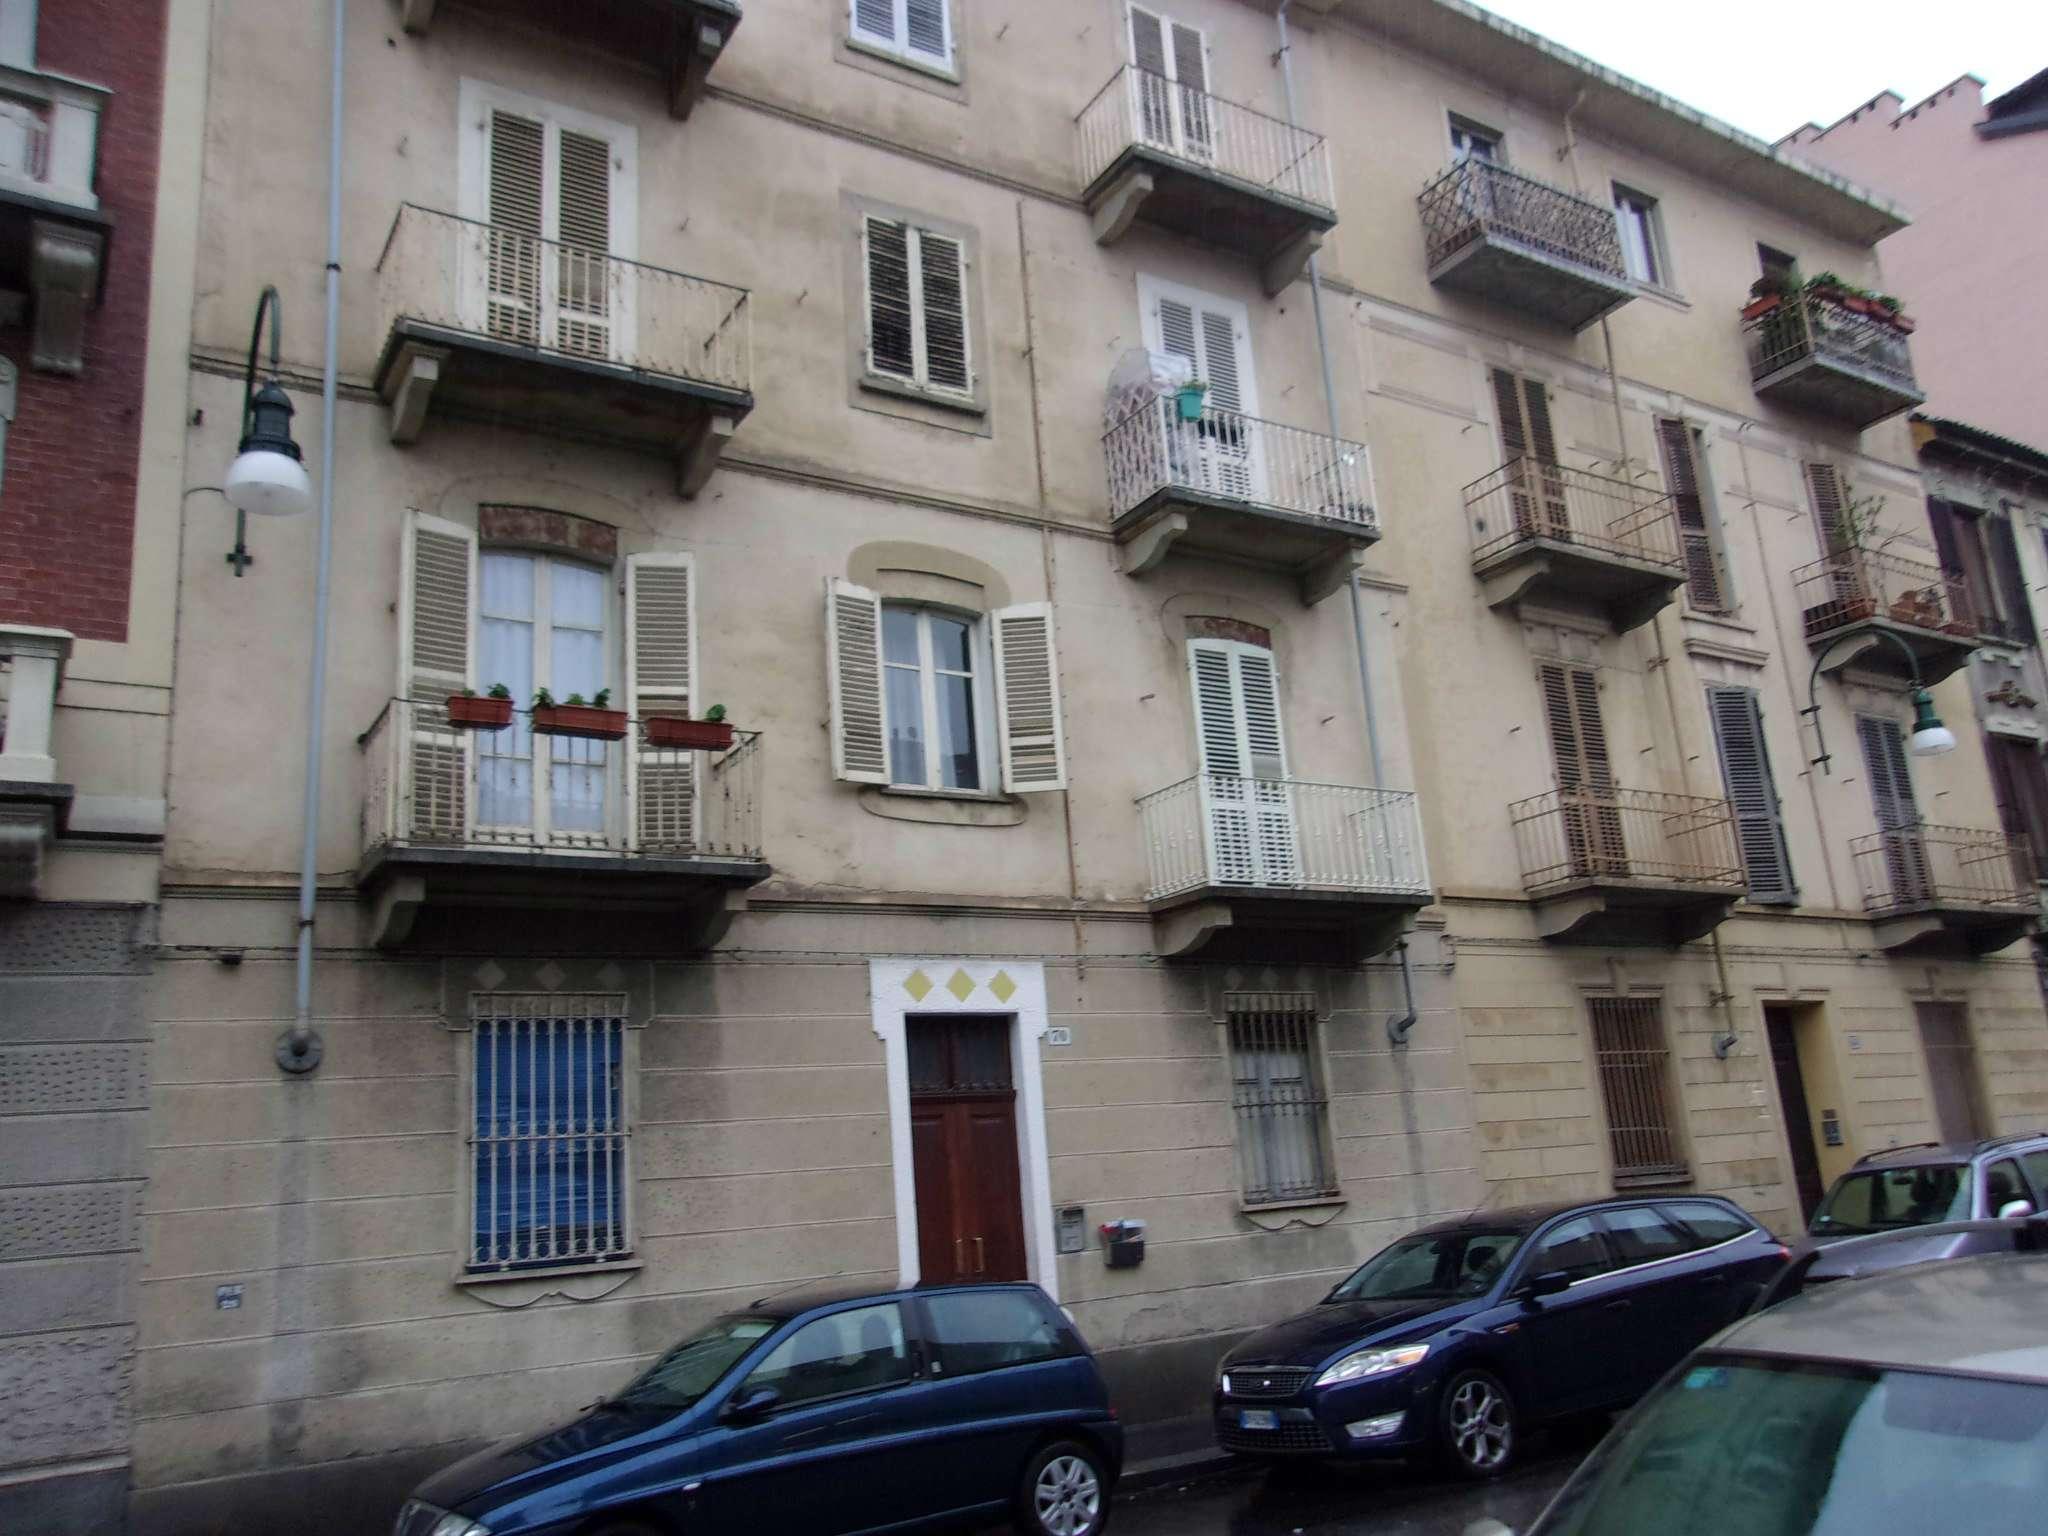 Appartamenti in vendita zona semicentro ovest a torino annunci immobiliari - Agenzie immobiliari a torino ...